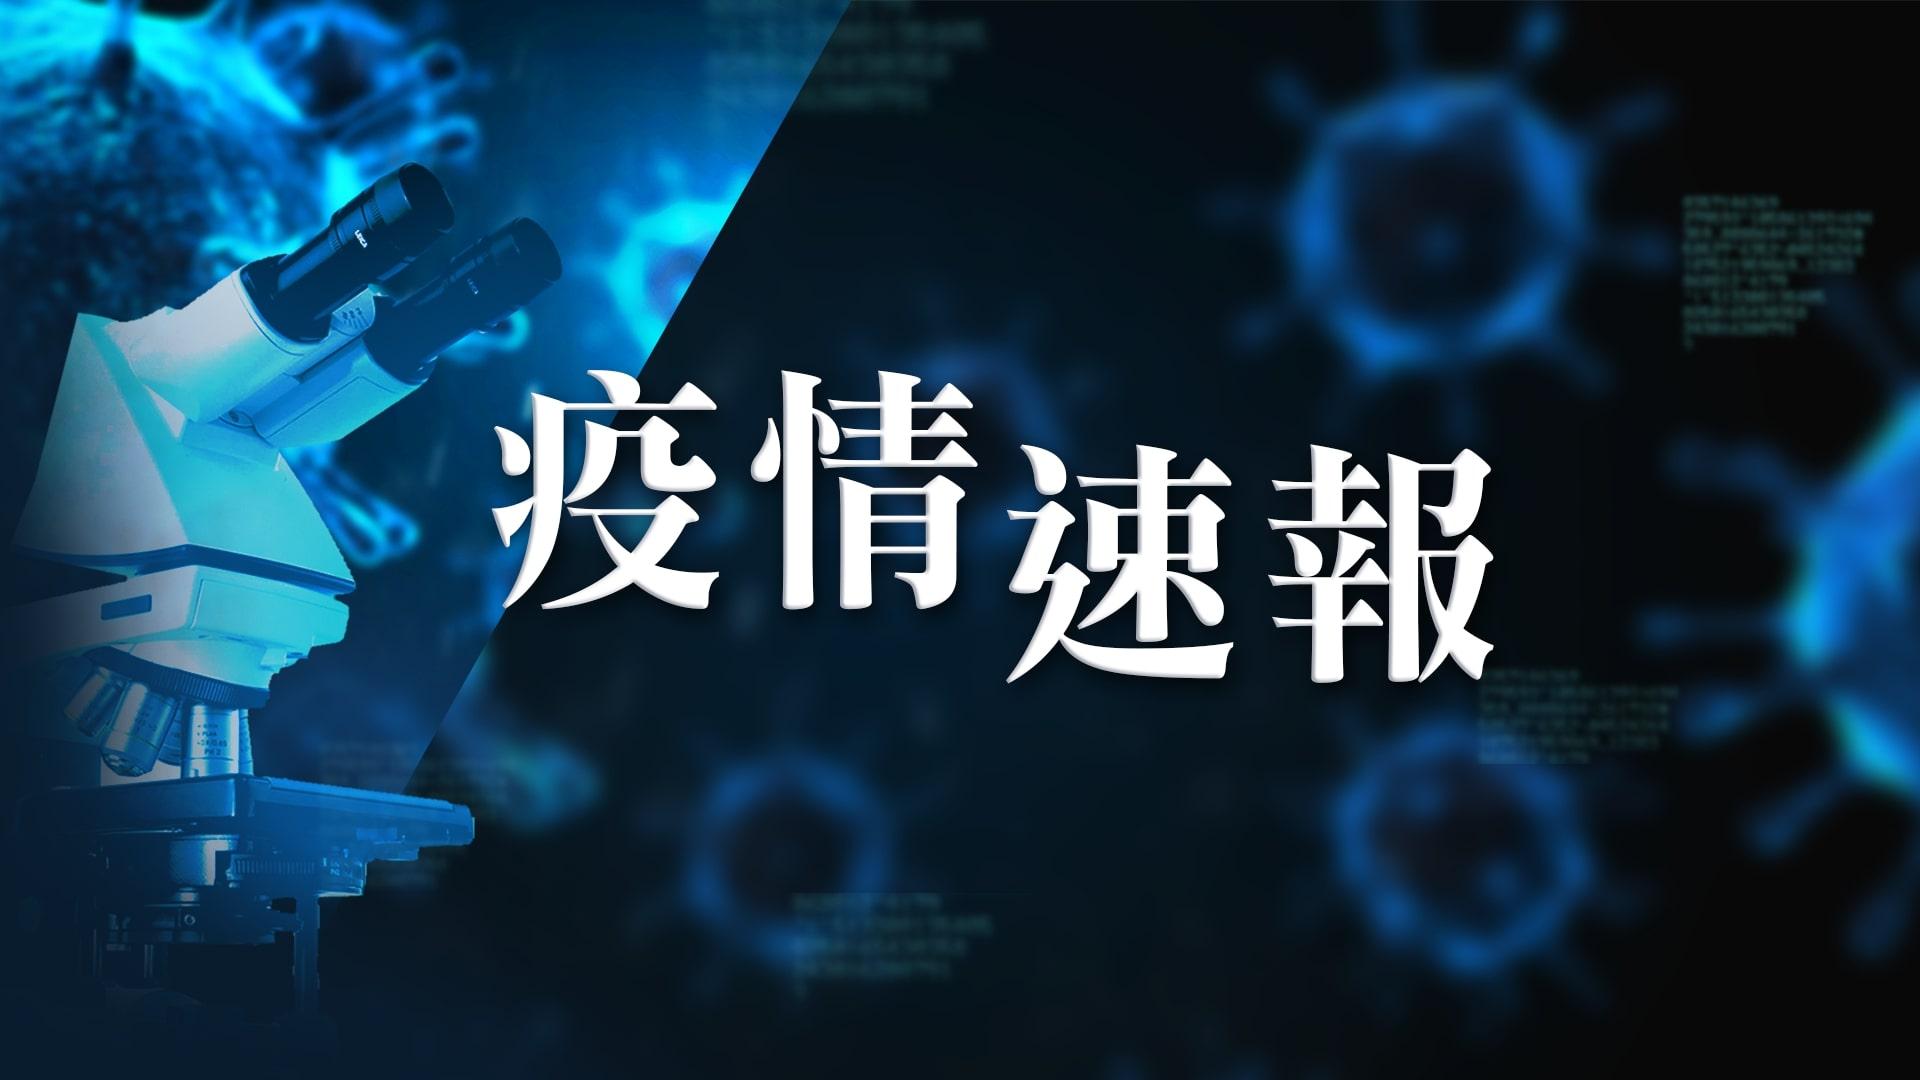 【6月3日疫情速報】(20:30)